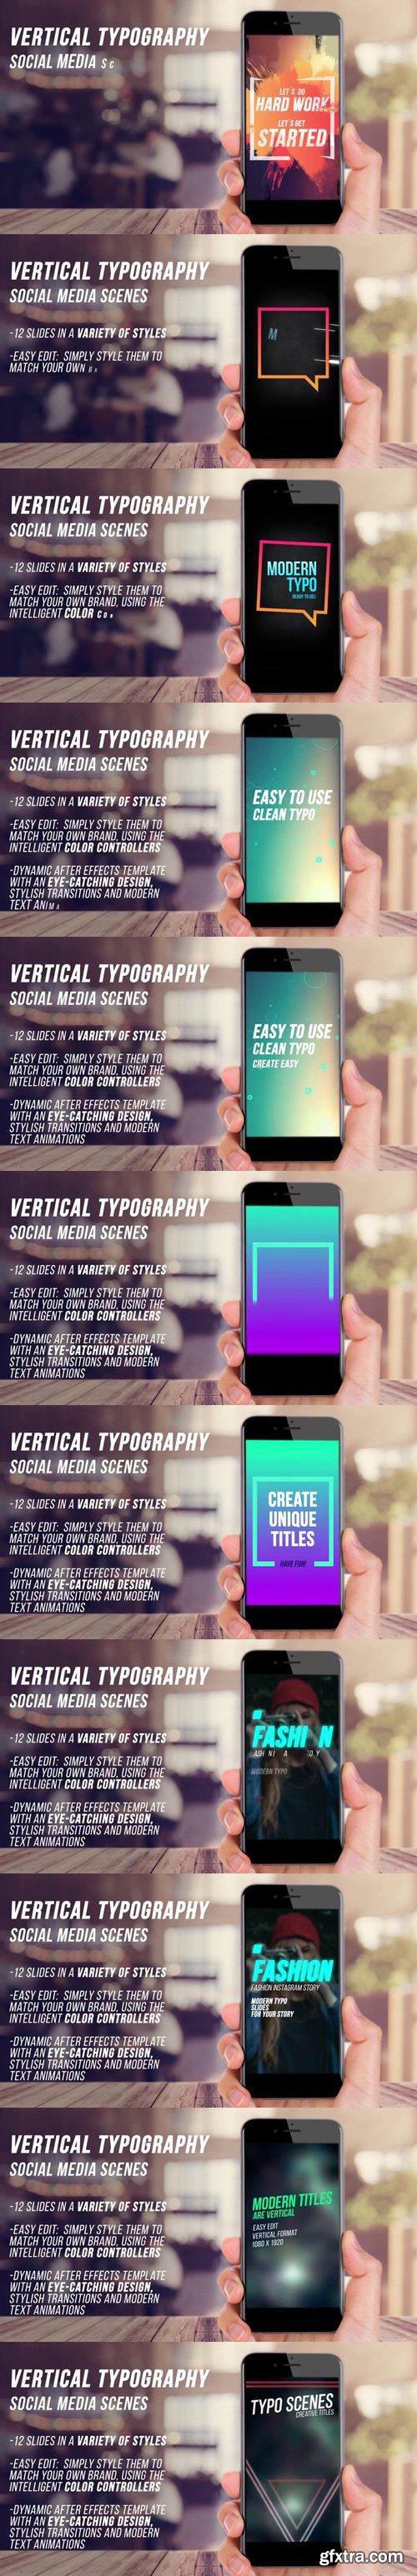 Pond5 - Instagram Vertical Typo - 086602020